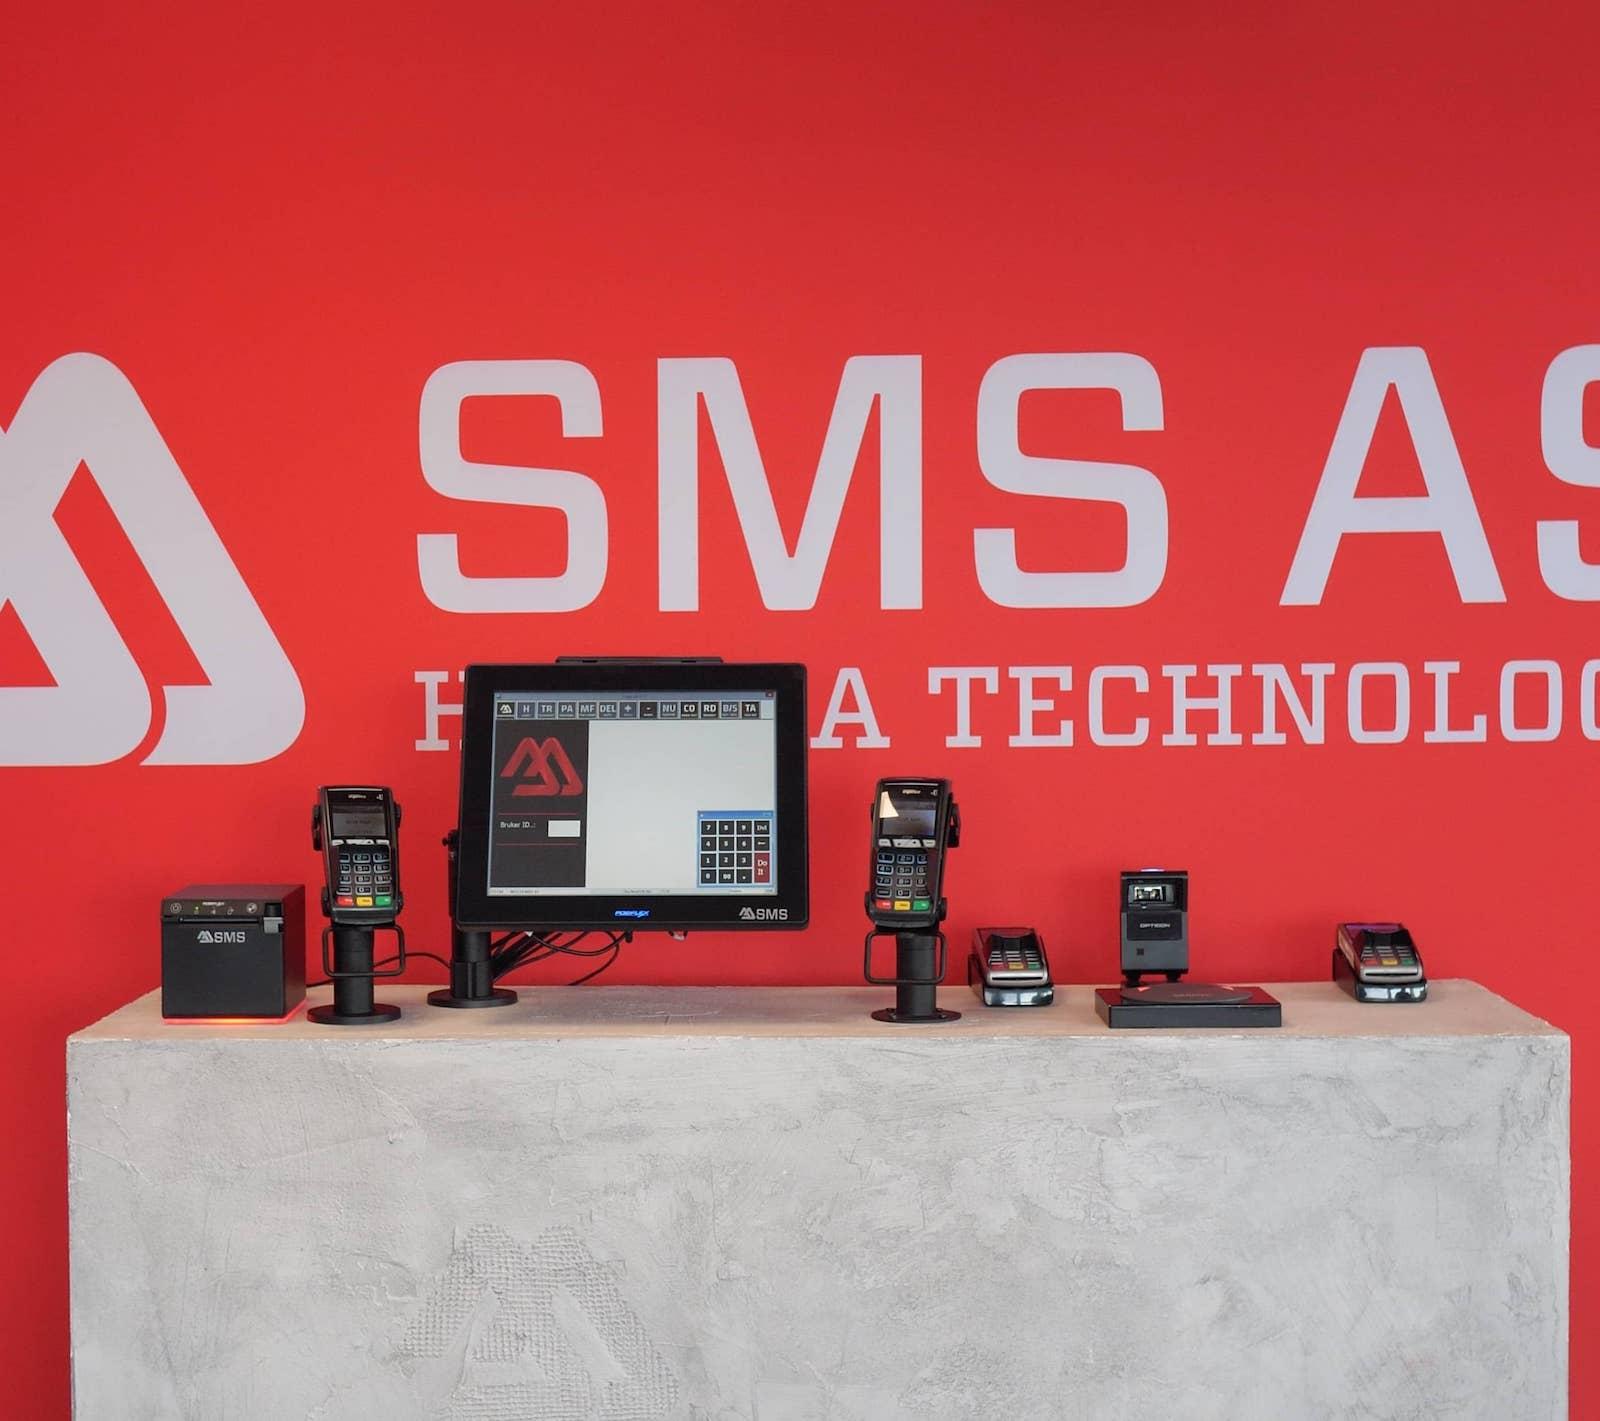 sms_forskjellige produkter fra SMS_foto